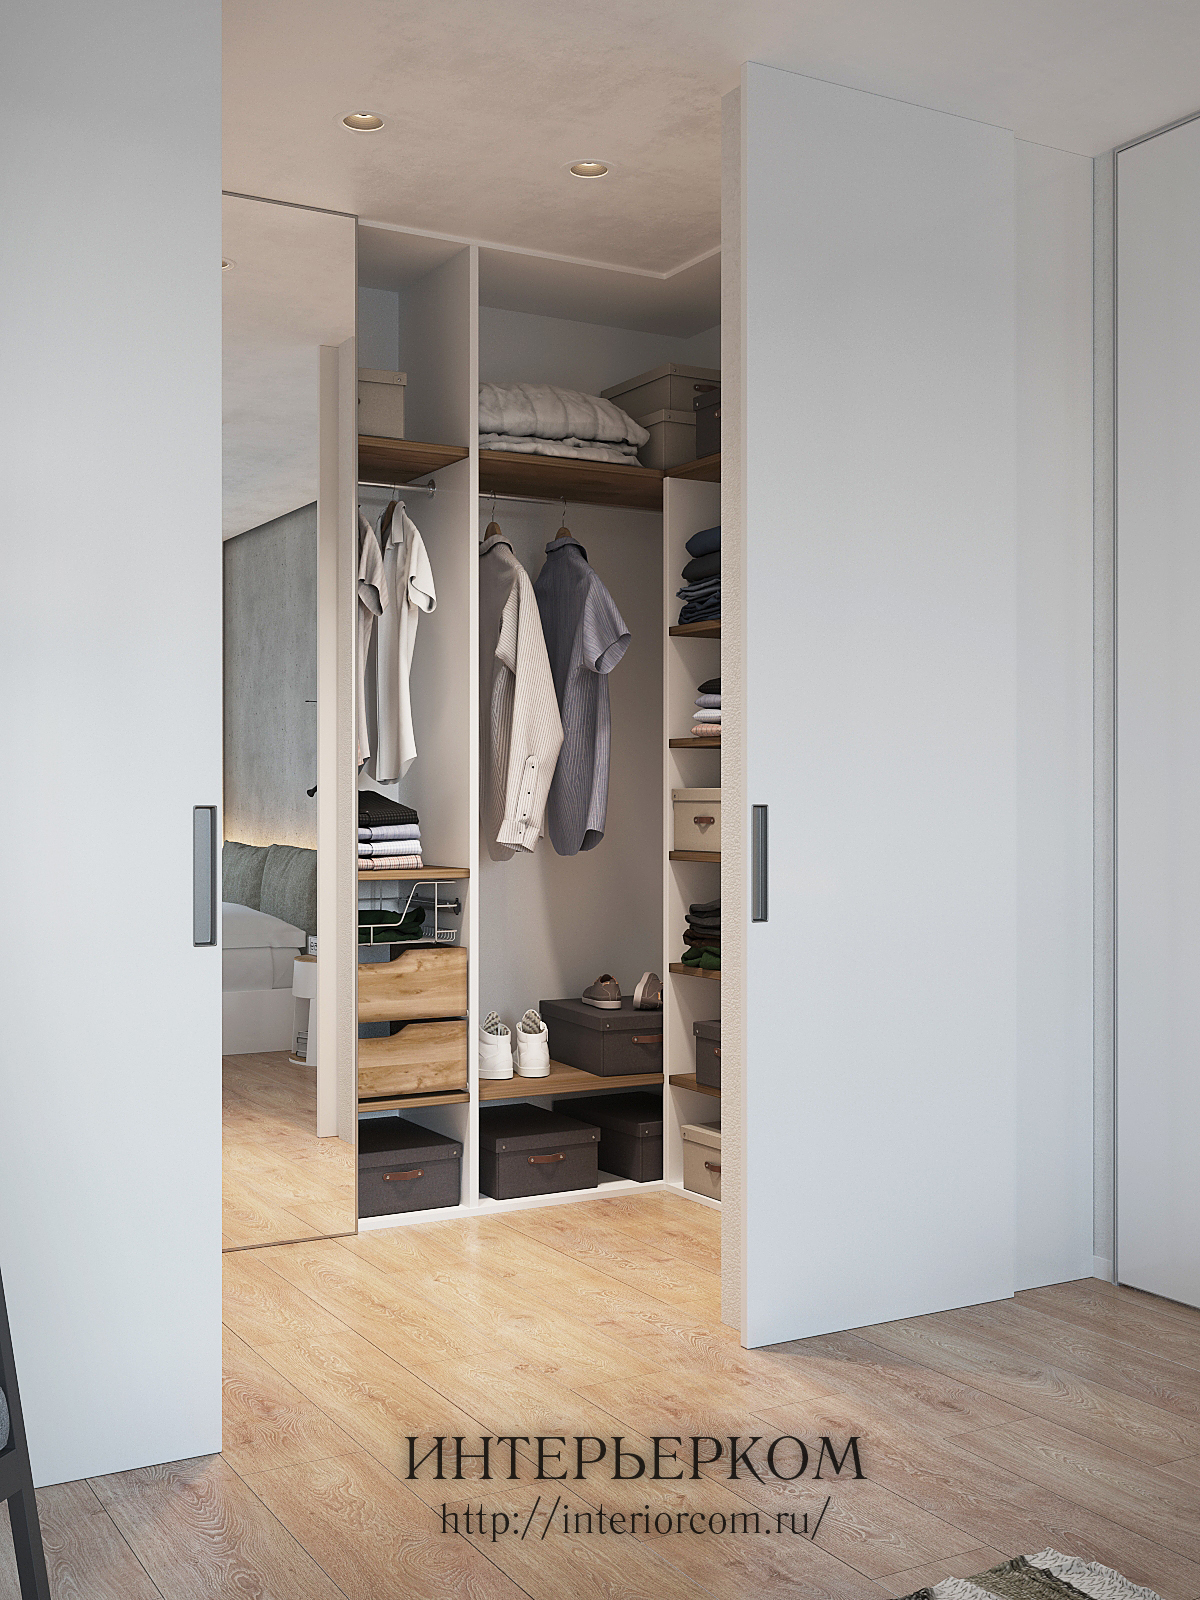 шкаф-купе в интерьере квартиры в ЖК Ньютон